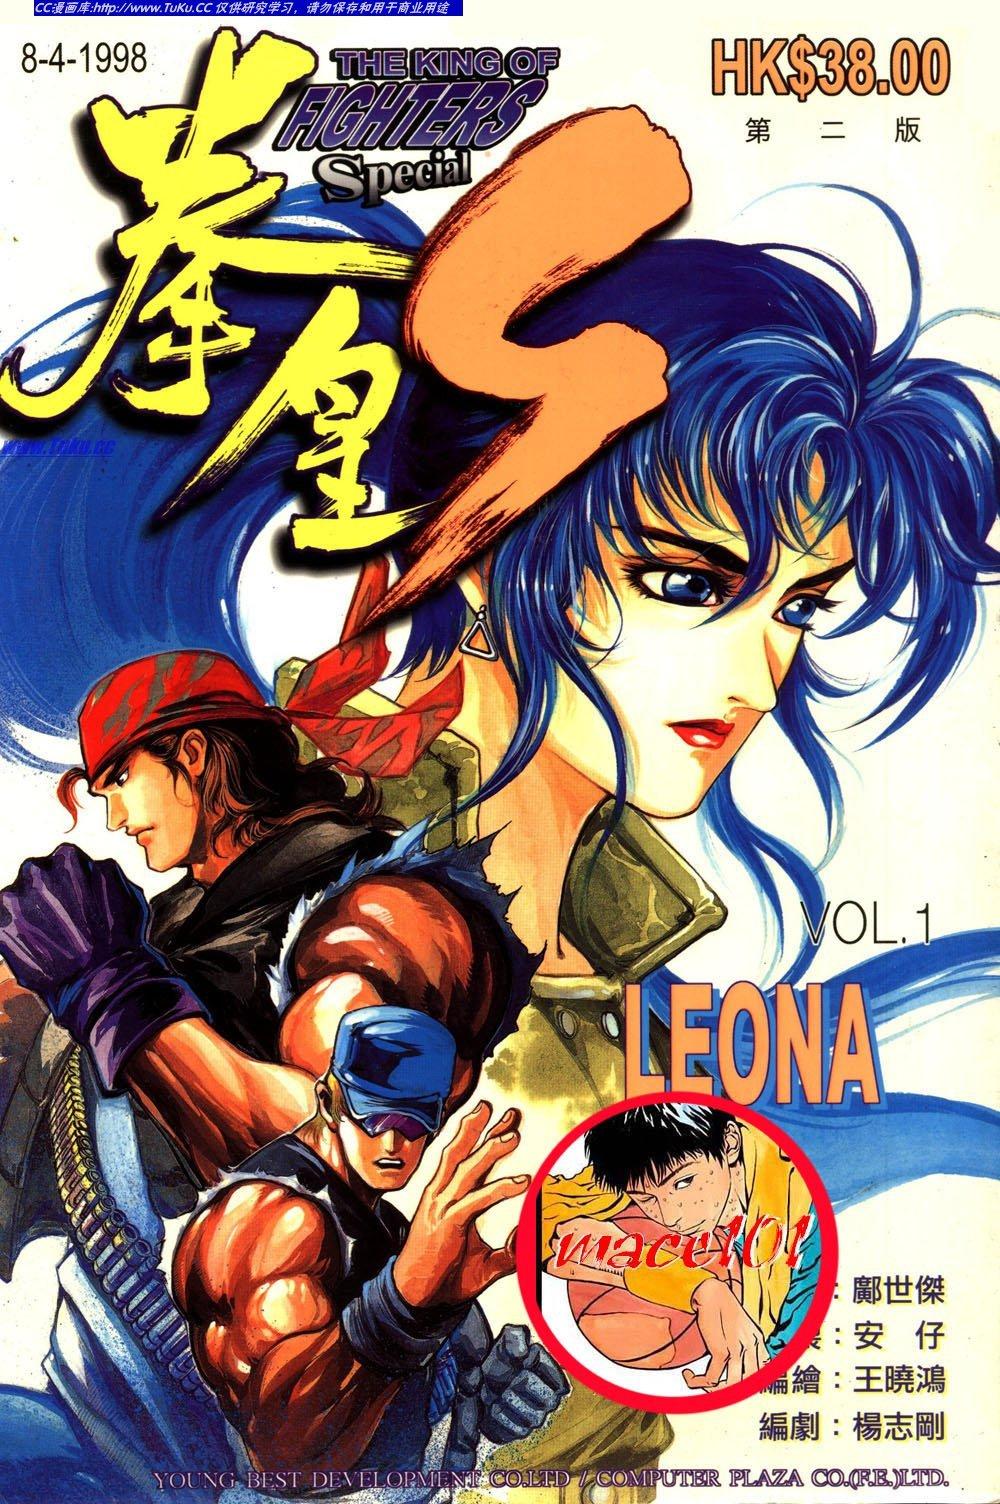 拳皇S(1998年)漫画全集